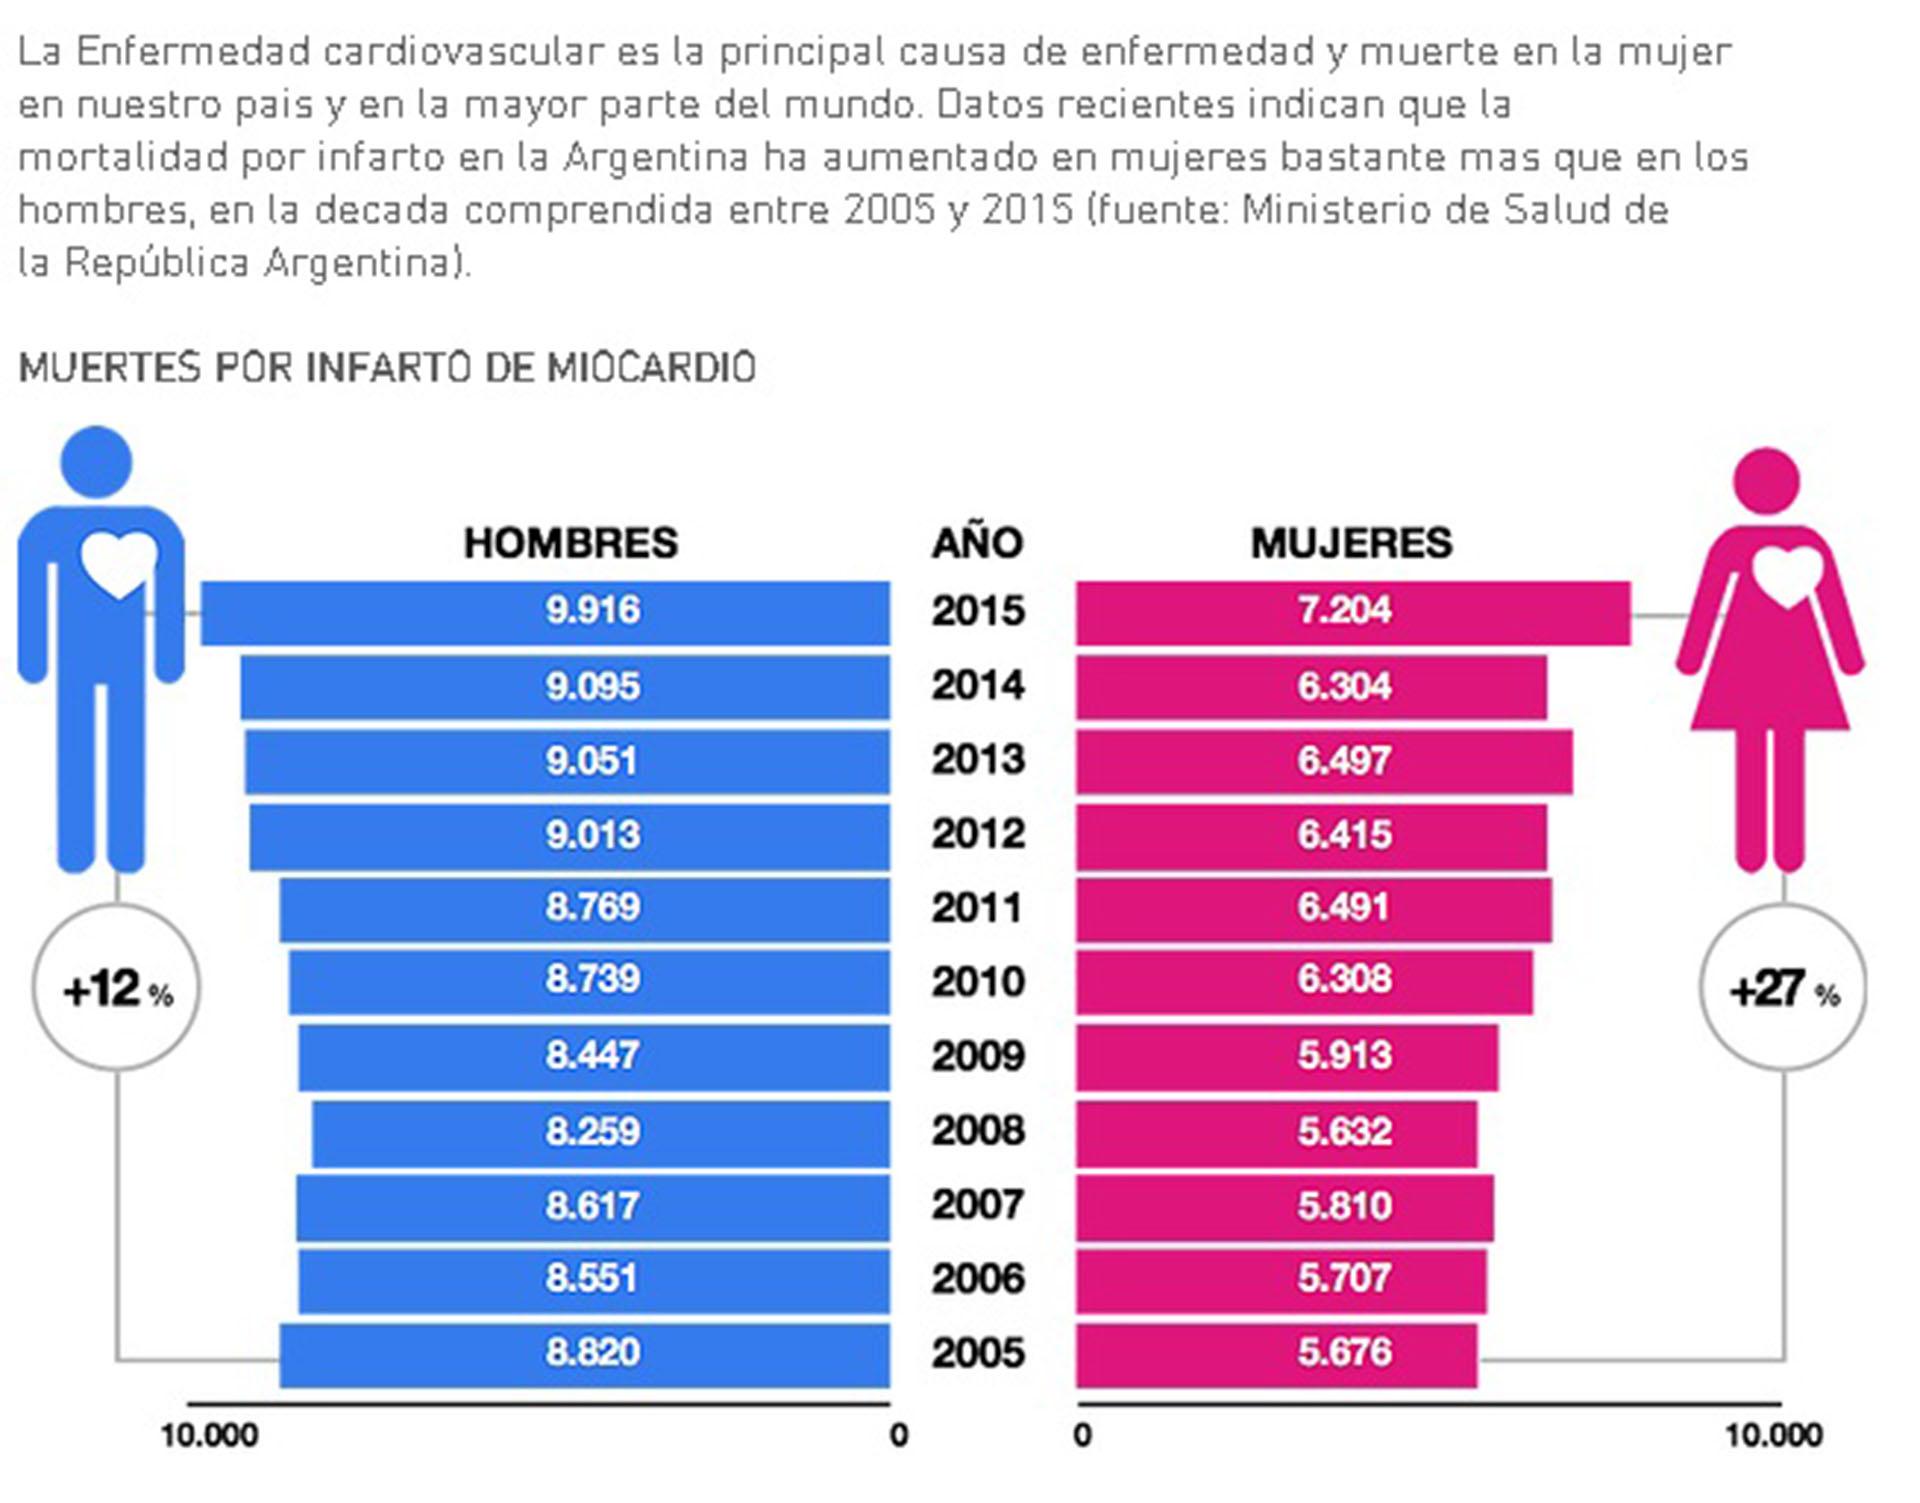 Entre 2005 y 2015, las muertes anuales por infarto en mujeres pasaron de 5.676 a 7.204